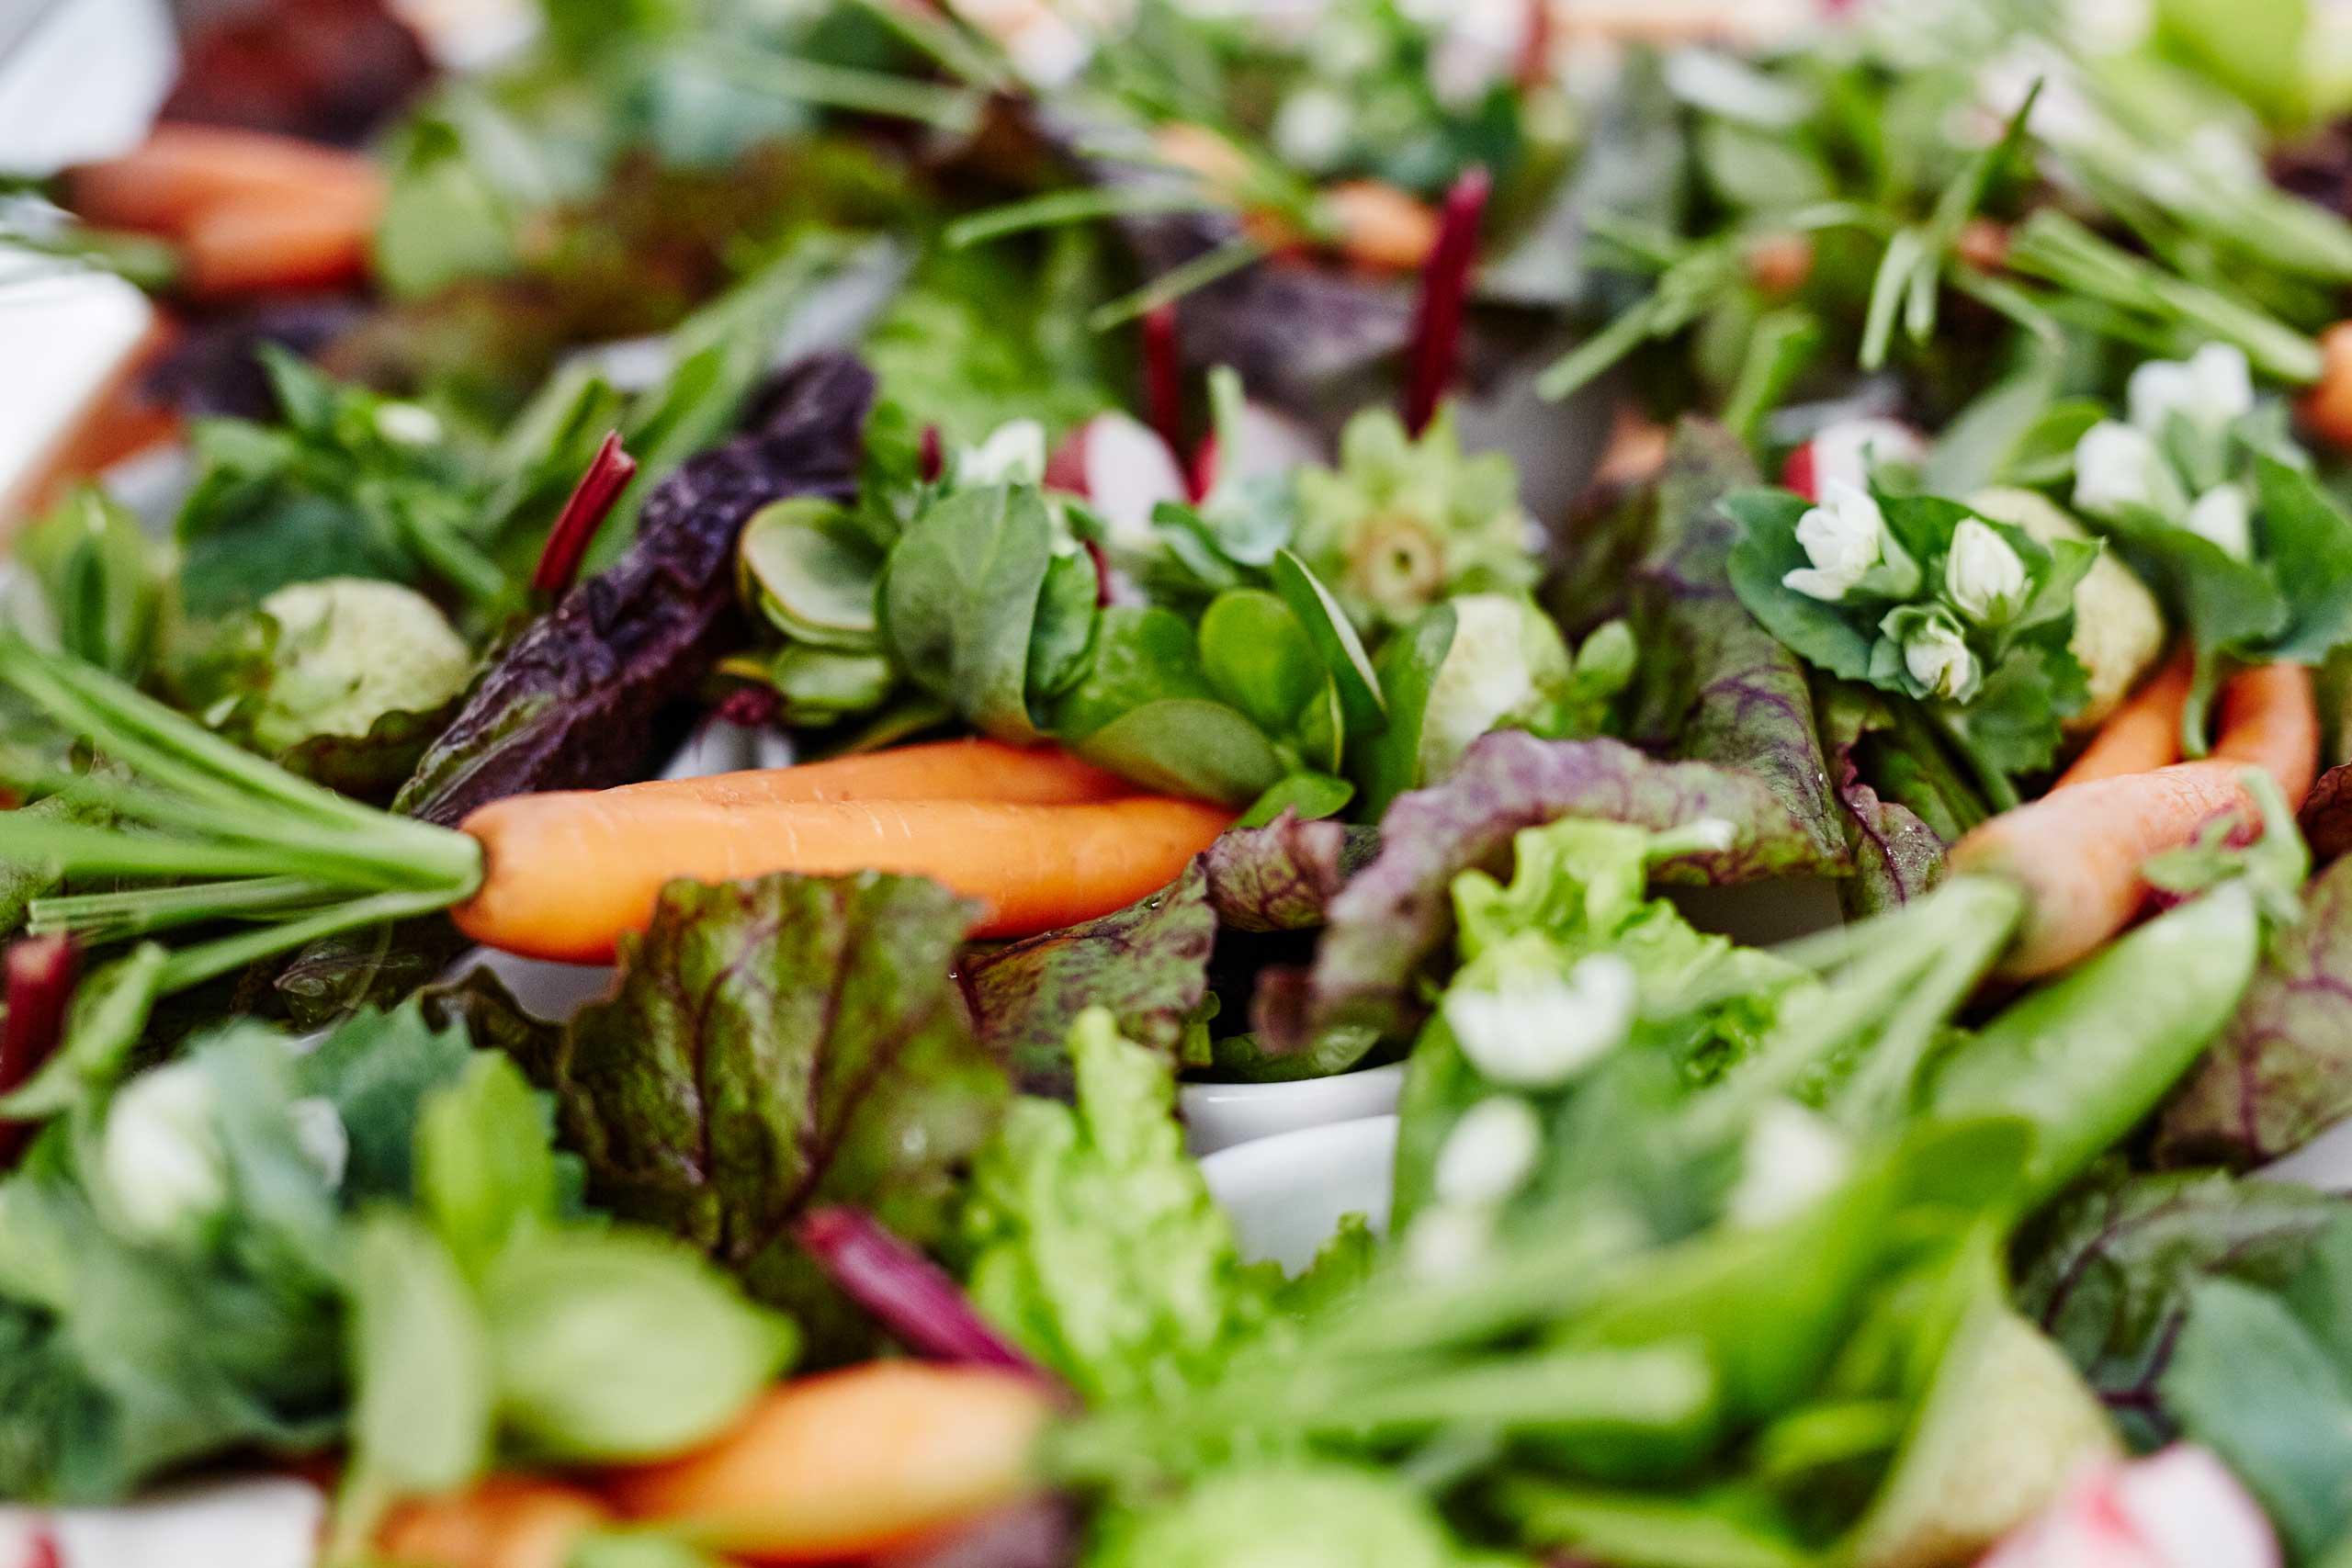 Økologisk mad og vin til konfirmation, fødselsdag og meget mere hos os eller som catering fra Puglisi Events.